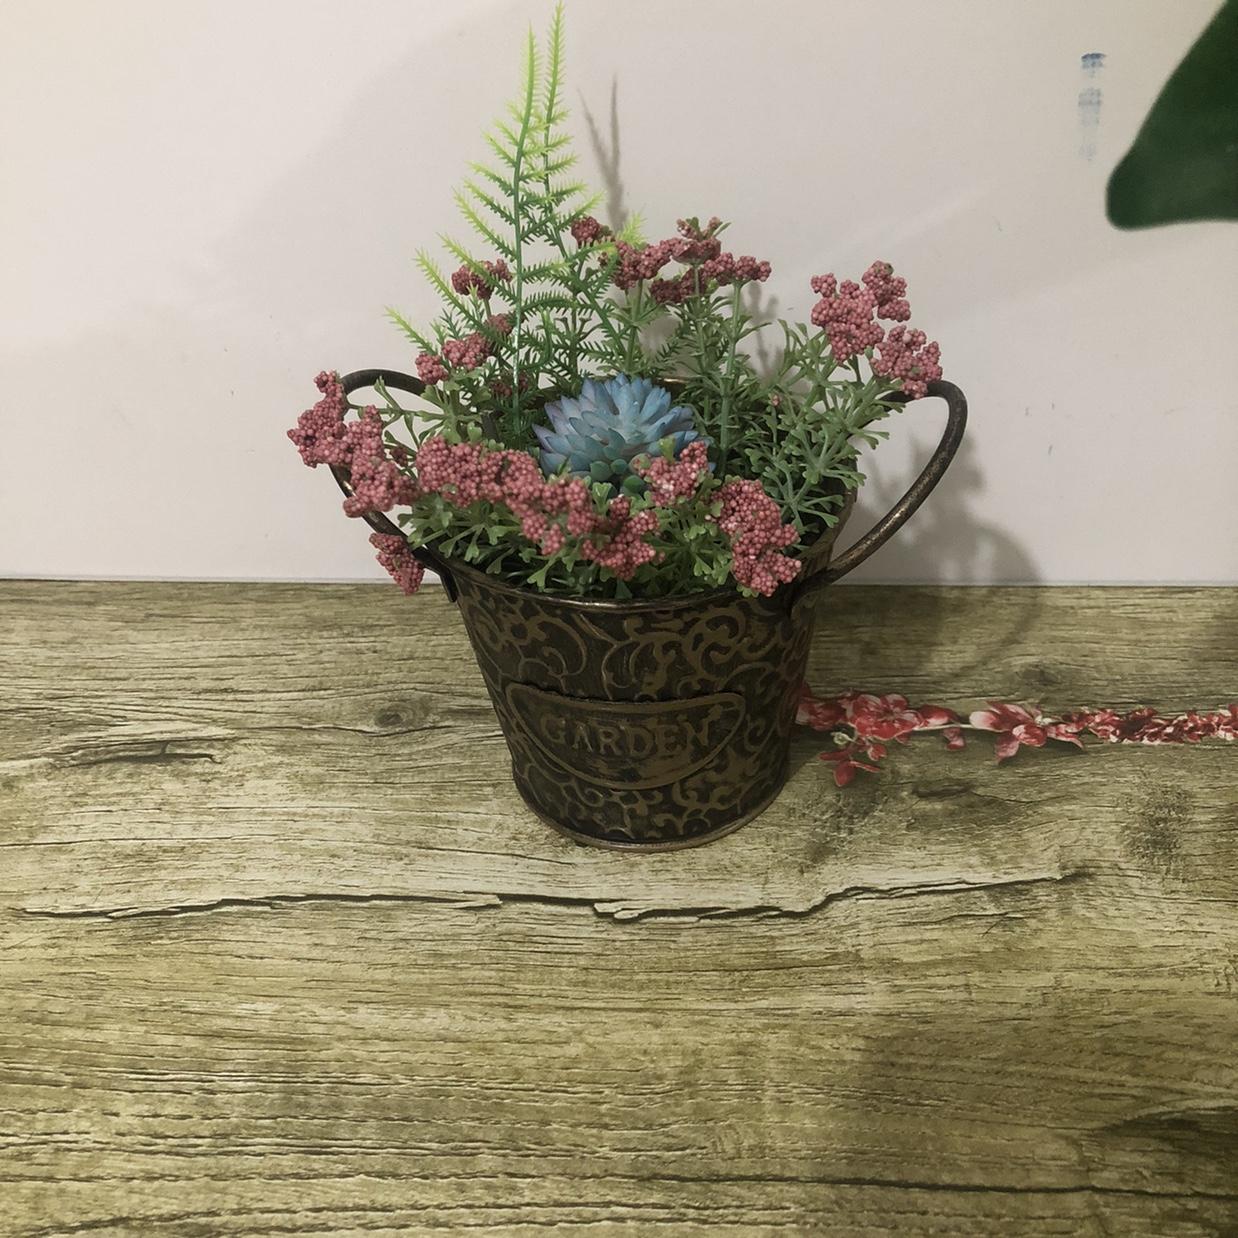 厂家直销新款双耳复古多肉盆栽花器装饰客厅摆件